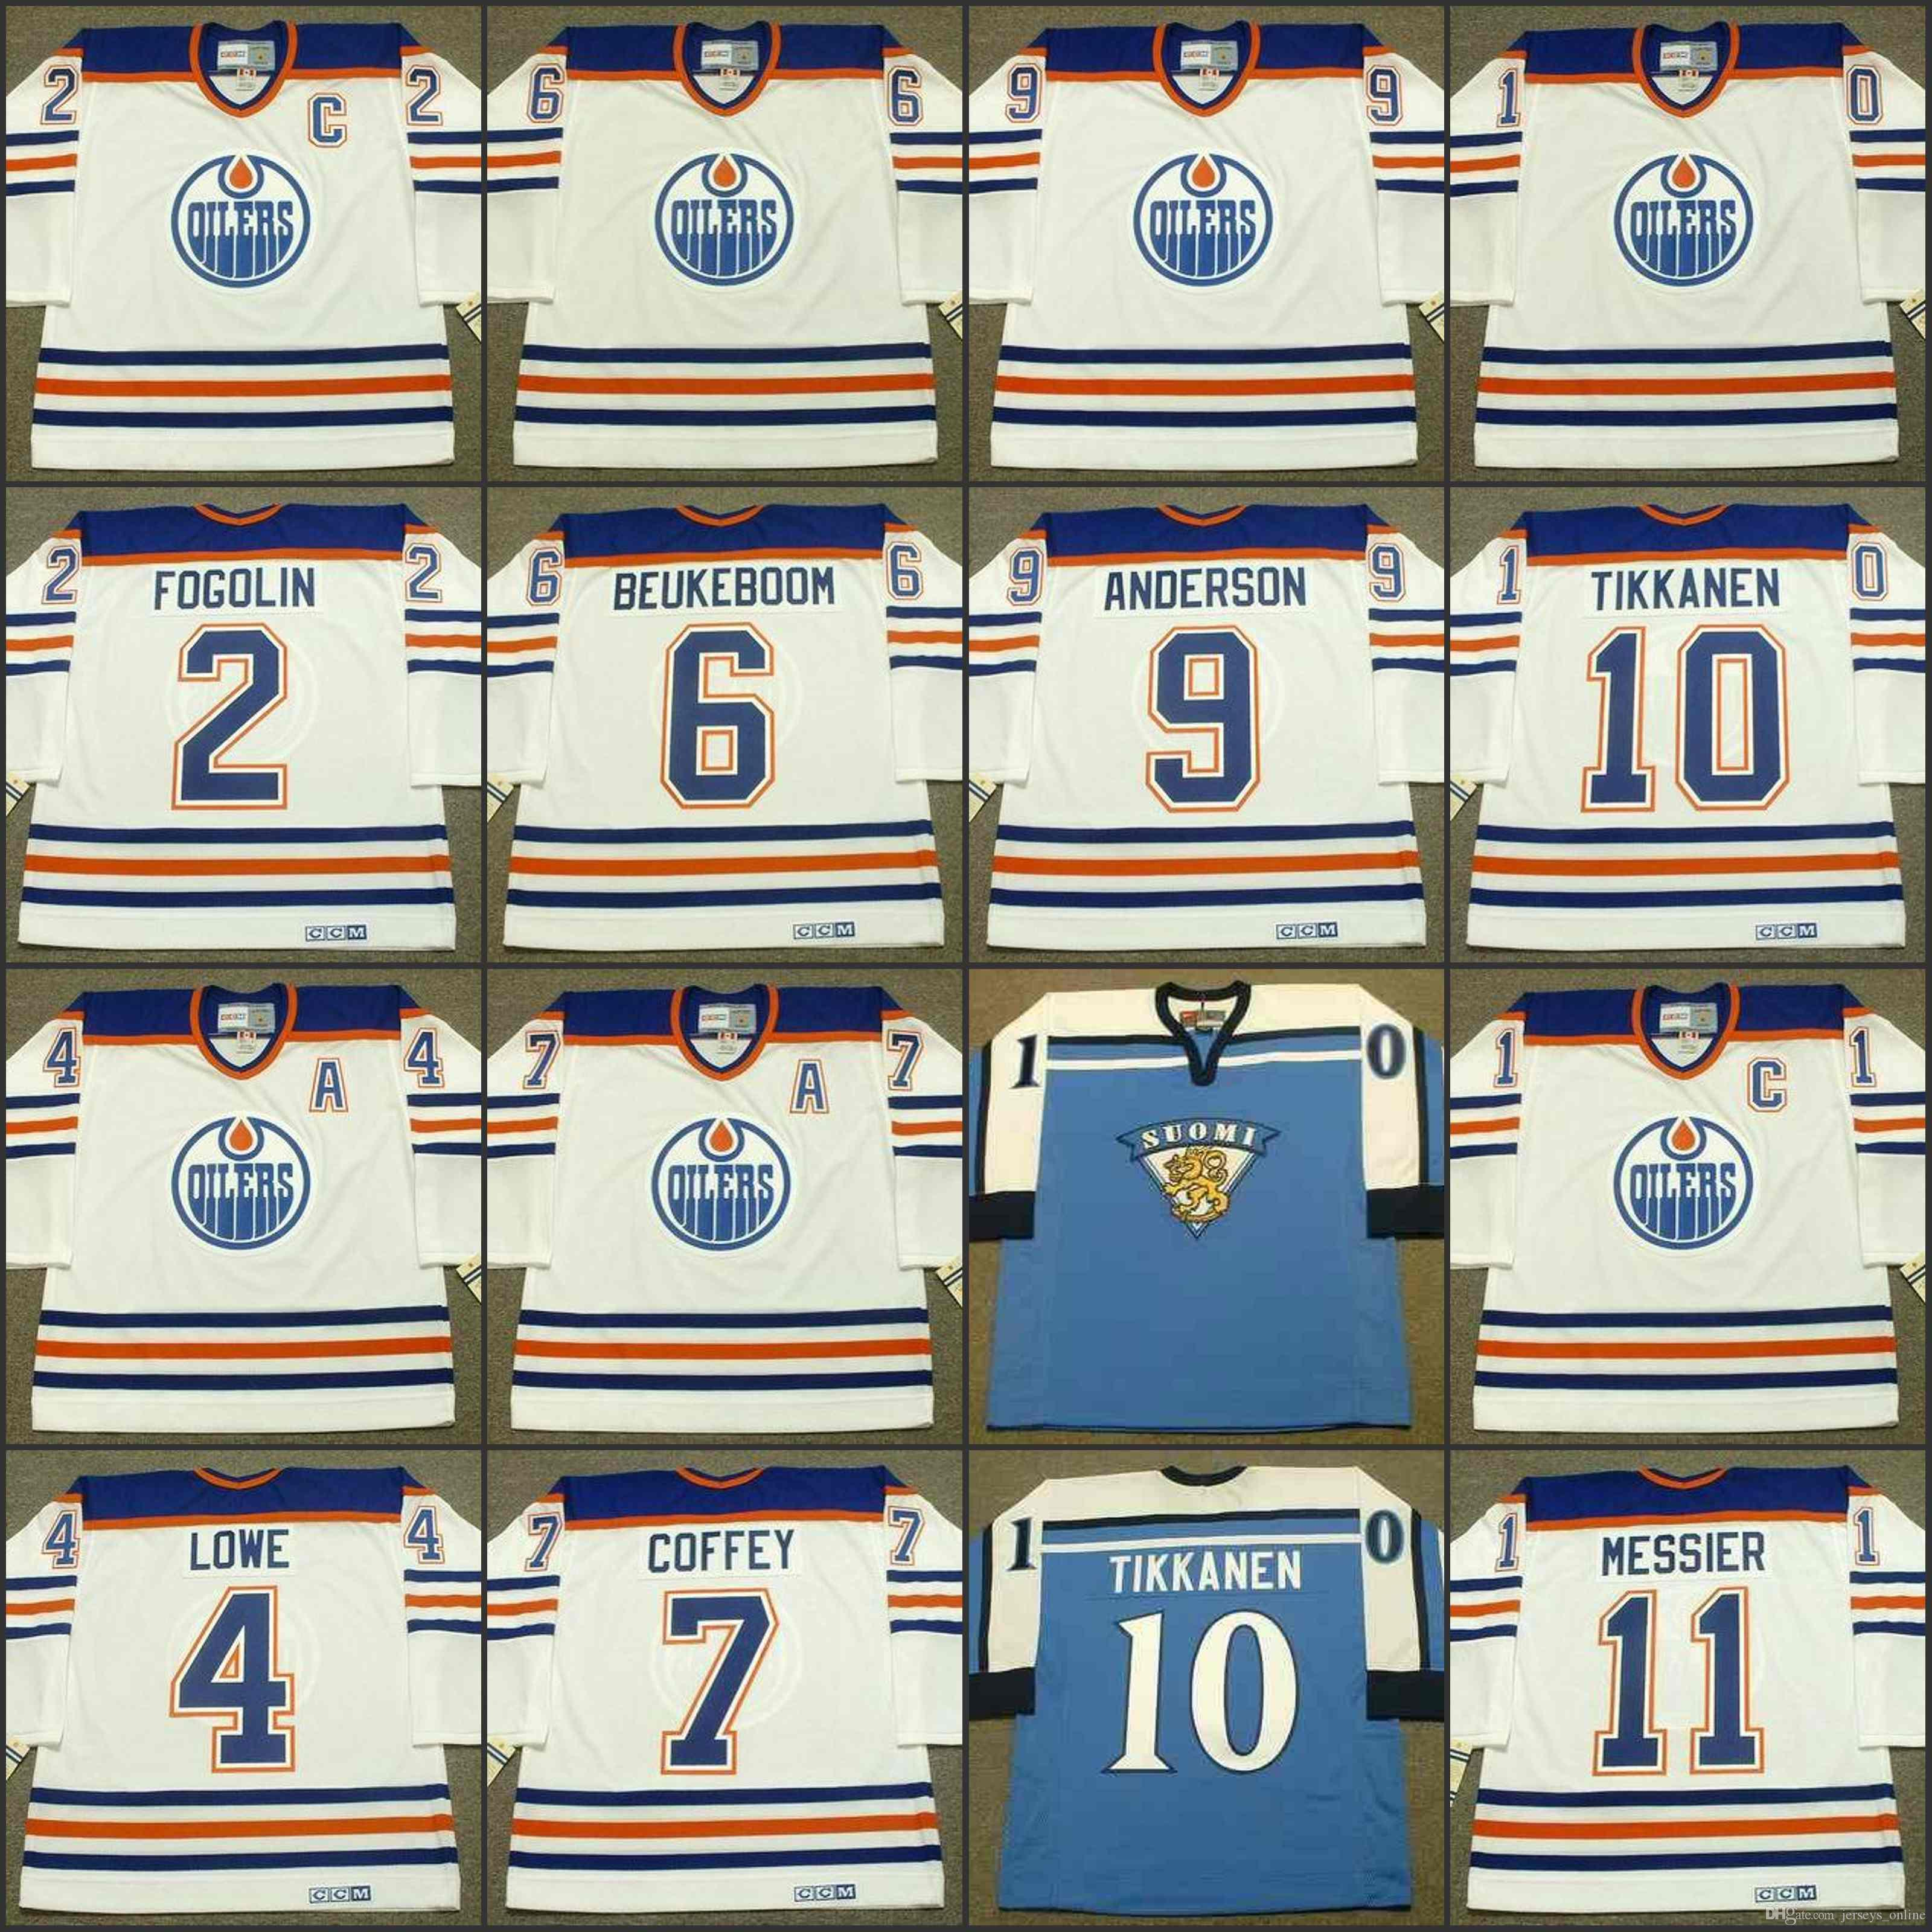 on sale 781ac b4144 Edmonton Oilers 2 LEE FOGOLIN 4 KEVIN LOWE 6 JEFF BEUKEBOOM 7 PAUL COFFEY 9  GLENN ANDERSON 10 ESA TIKKANEN ESA TIKKANEN jersey